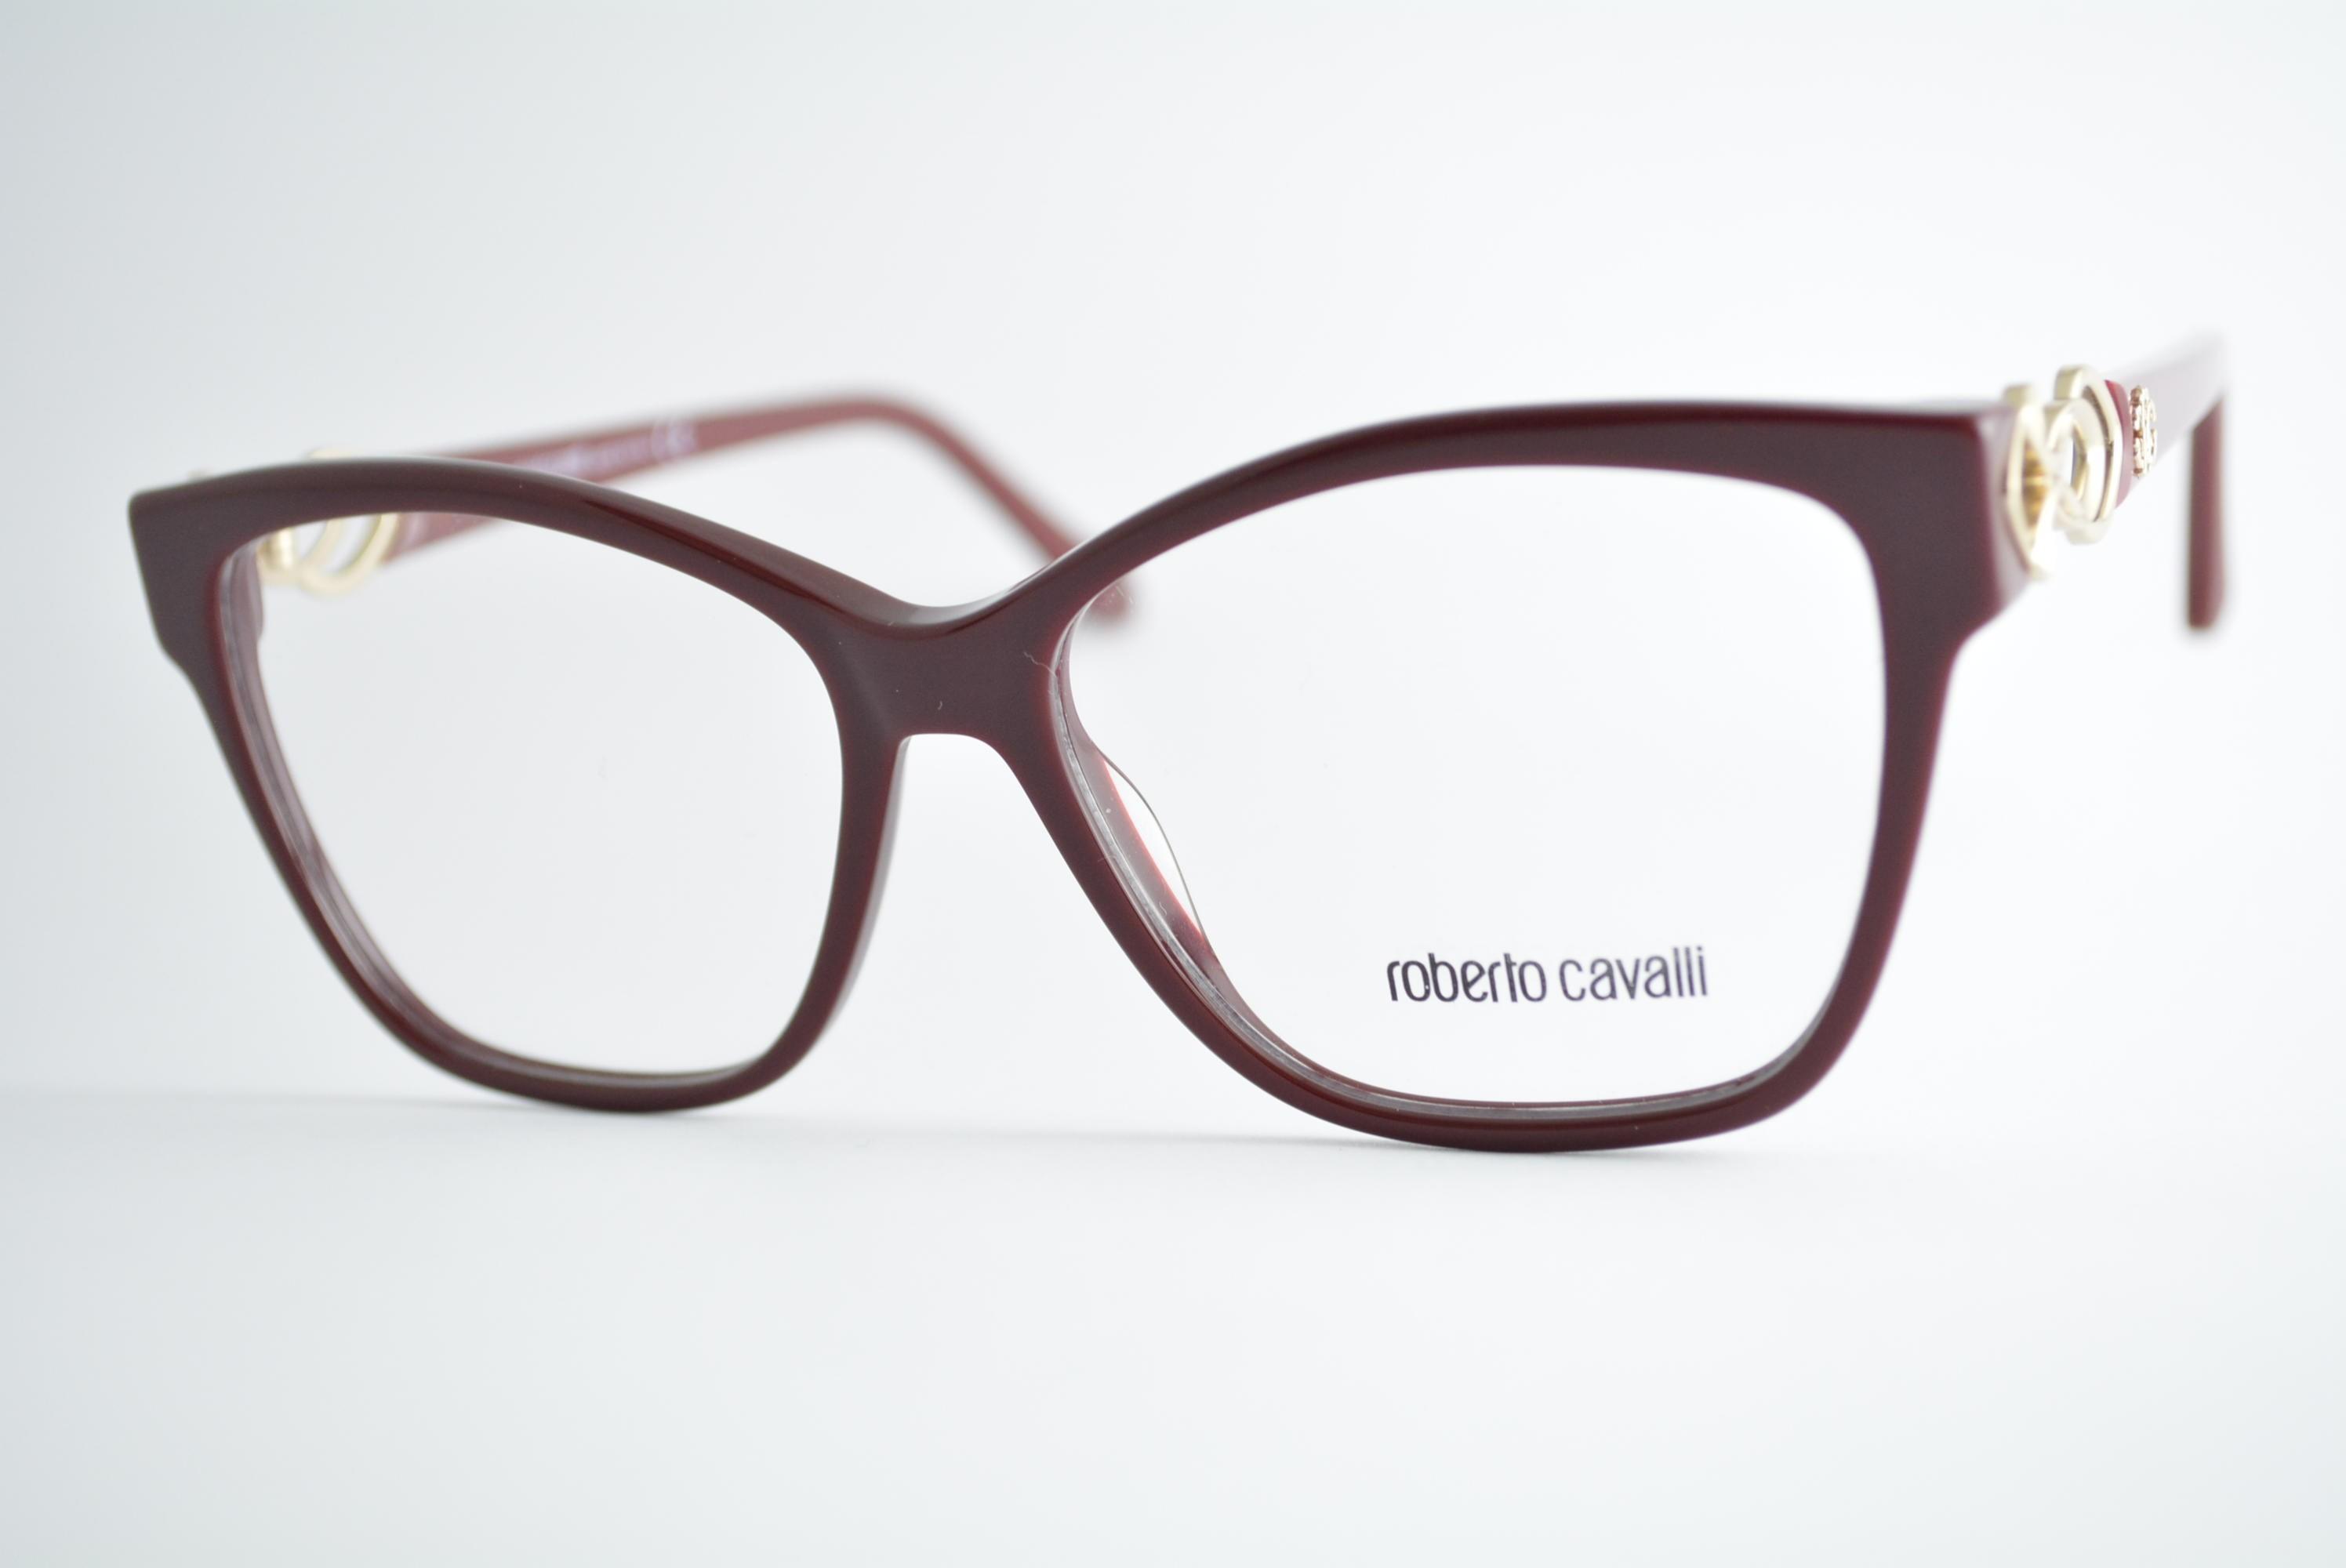 armação de óculos Roberto Cavalli mod 5063 069 Ótica Cardoso 80216aa205